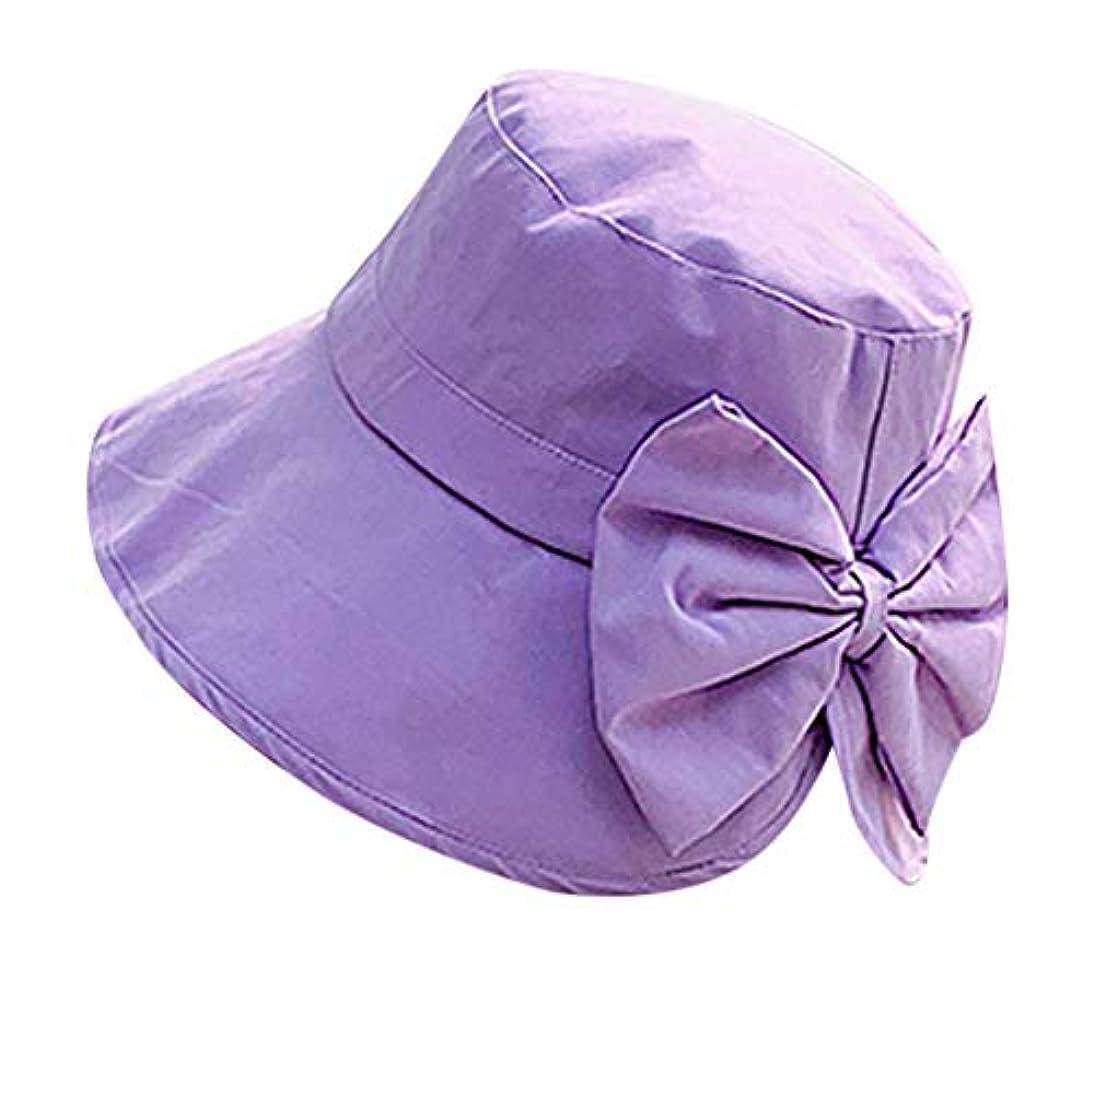 頂点写真ジーンズ女性 帽子 レディース UVカット ハット女の子 つば広い 漁師帽 女優帽 小顔効果 紫外線 対策 レディース 蝶結び UV 加工 リボン ハット ビーチ 日よけ テント ビーチサンダル ベレー帽 ROSE ROMAN